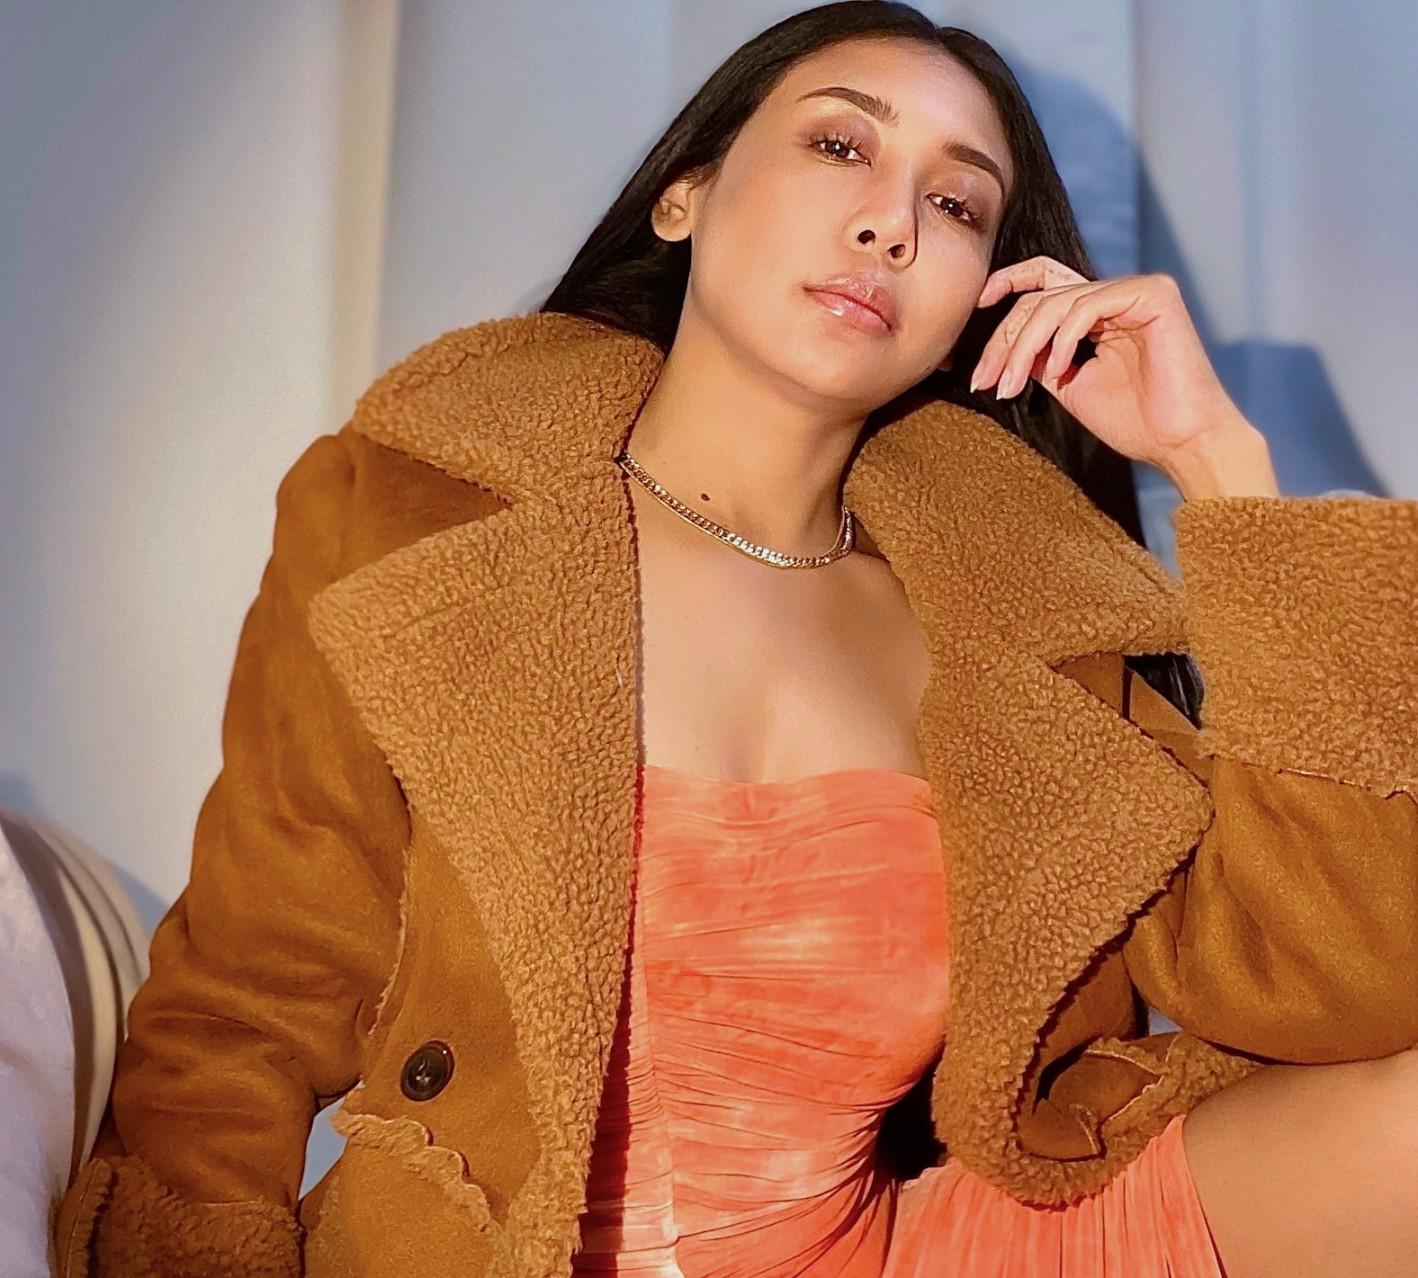 singer Amalia Kadis